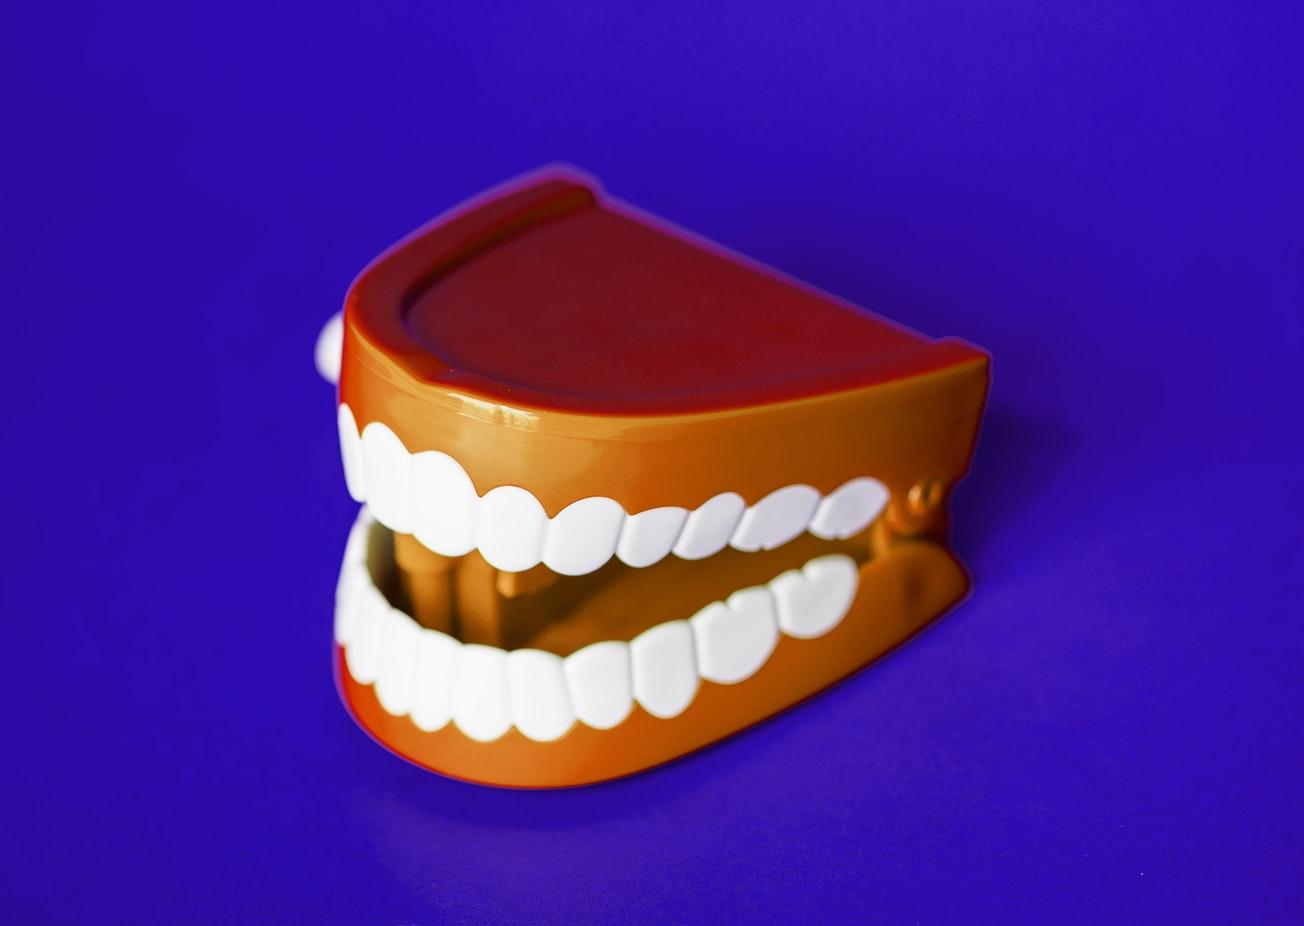 receding gums in over 50s